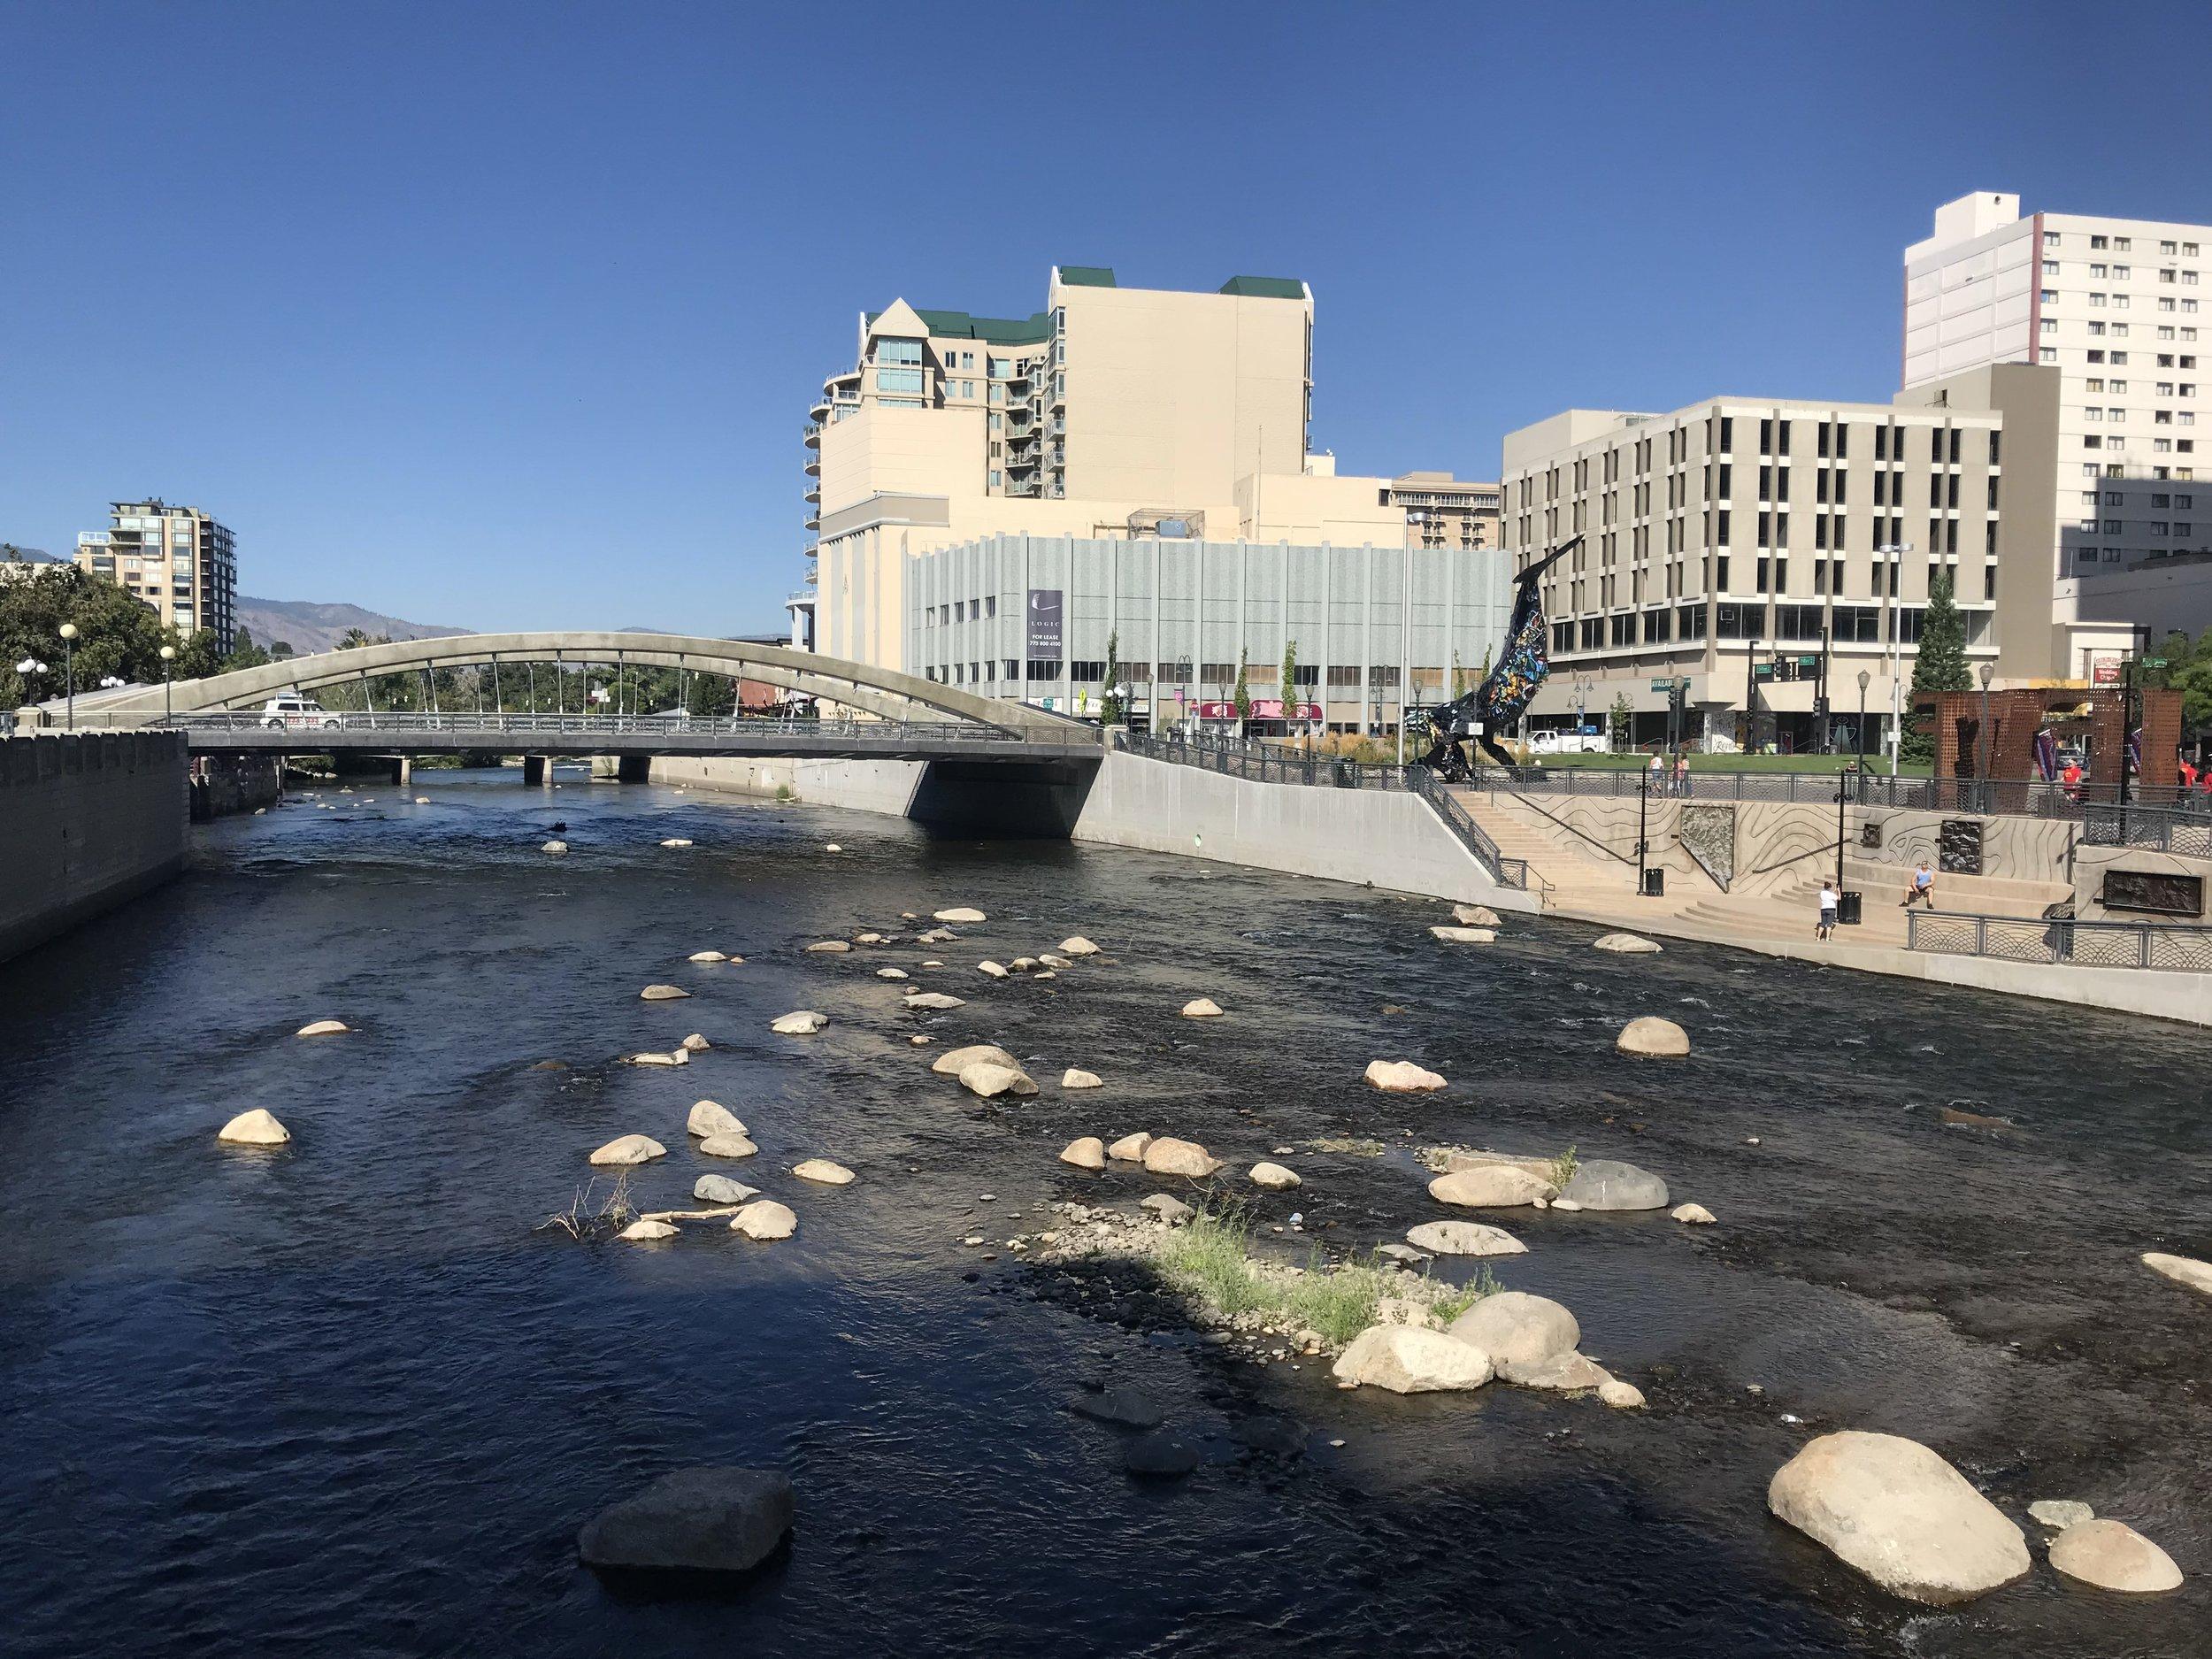 River walk in Reno, NV